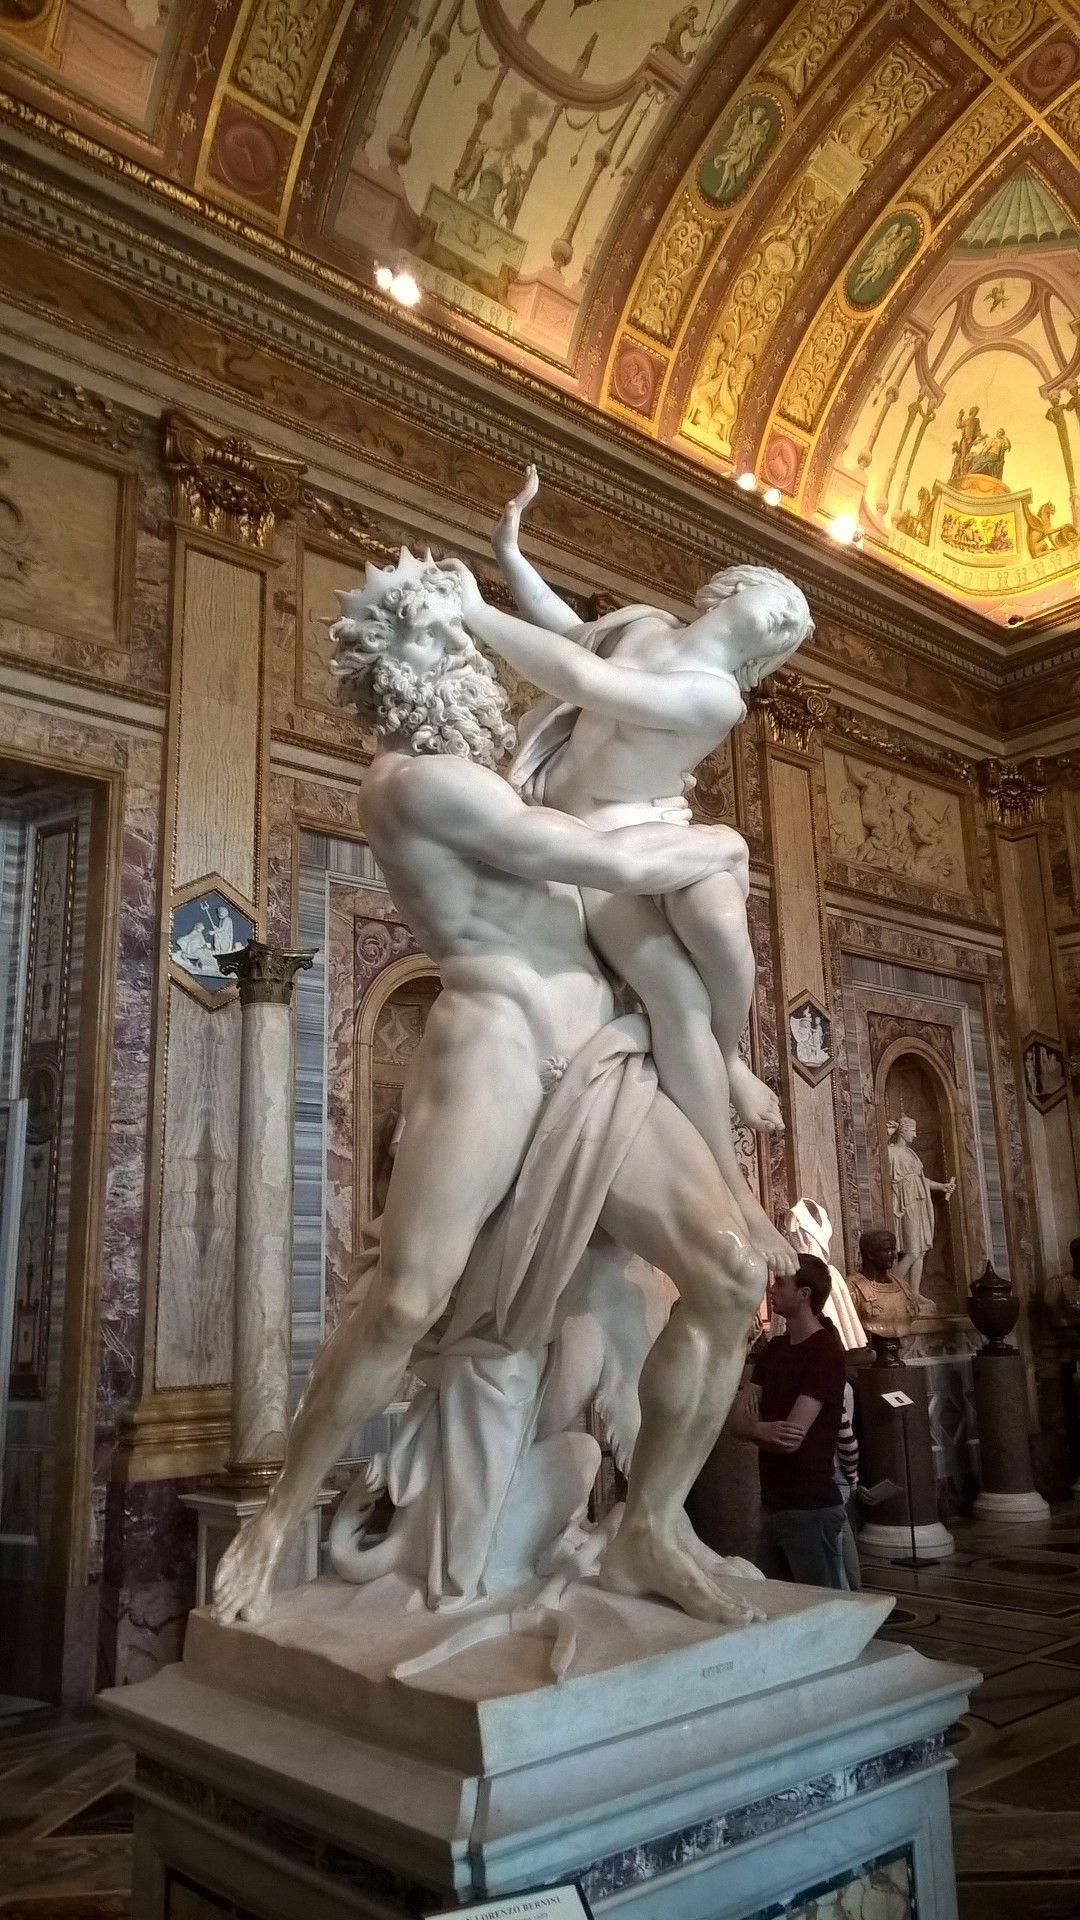 Dit is n van de bekendste beelden van gian lorenzo bernini de verkrachting van proserpina - Beeld het meisje van ...